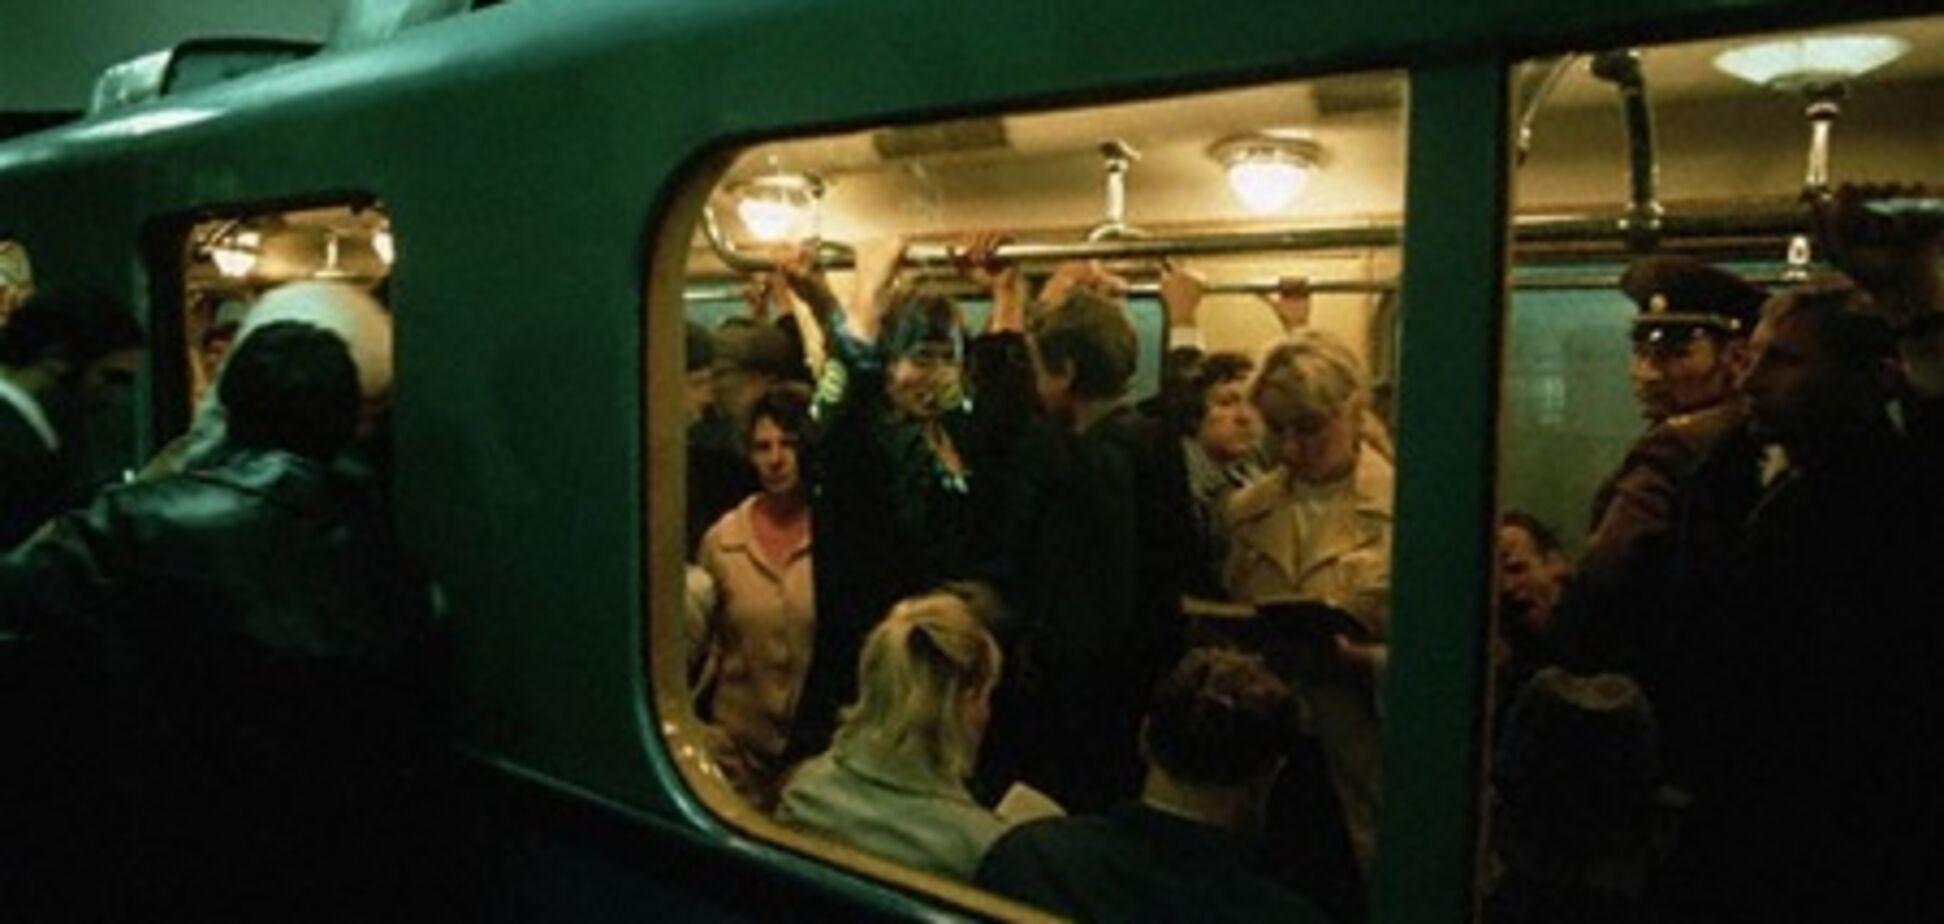 Дагестанець влаштував різанину в московському метро